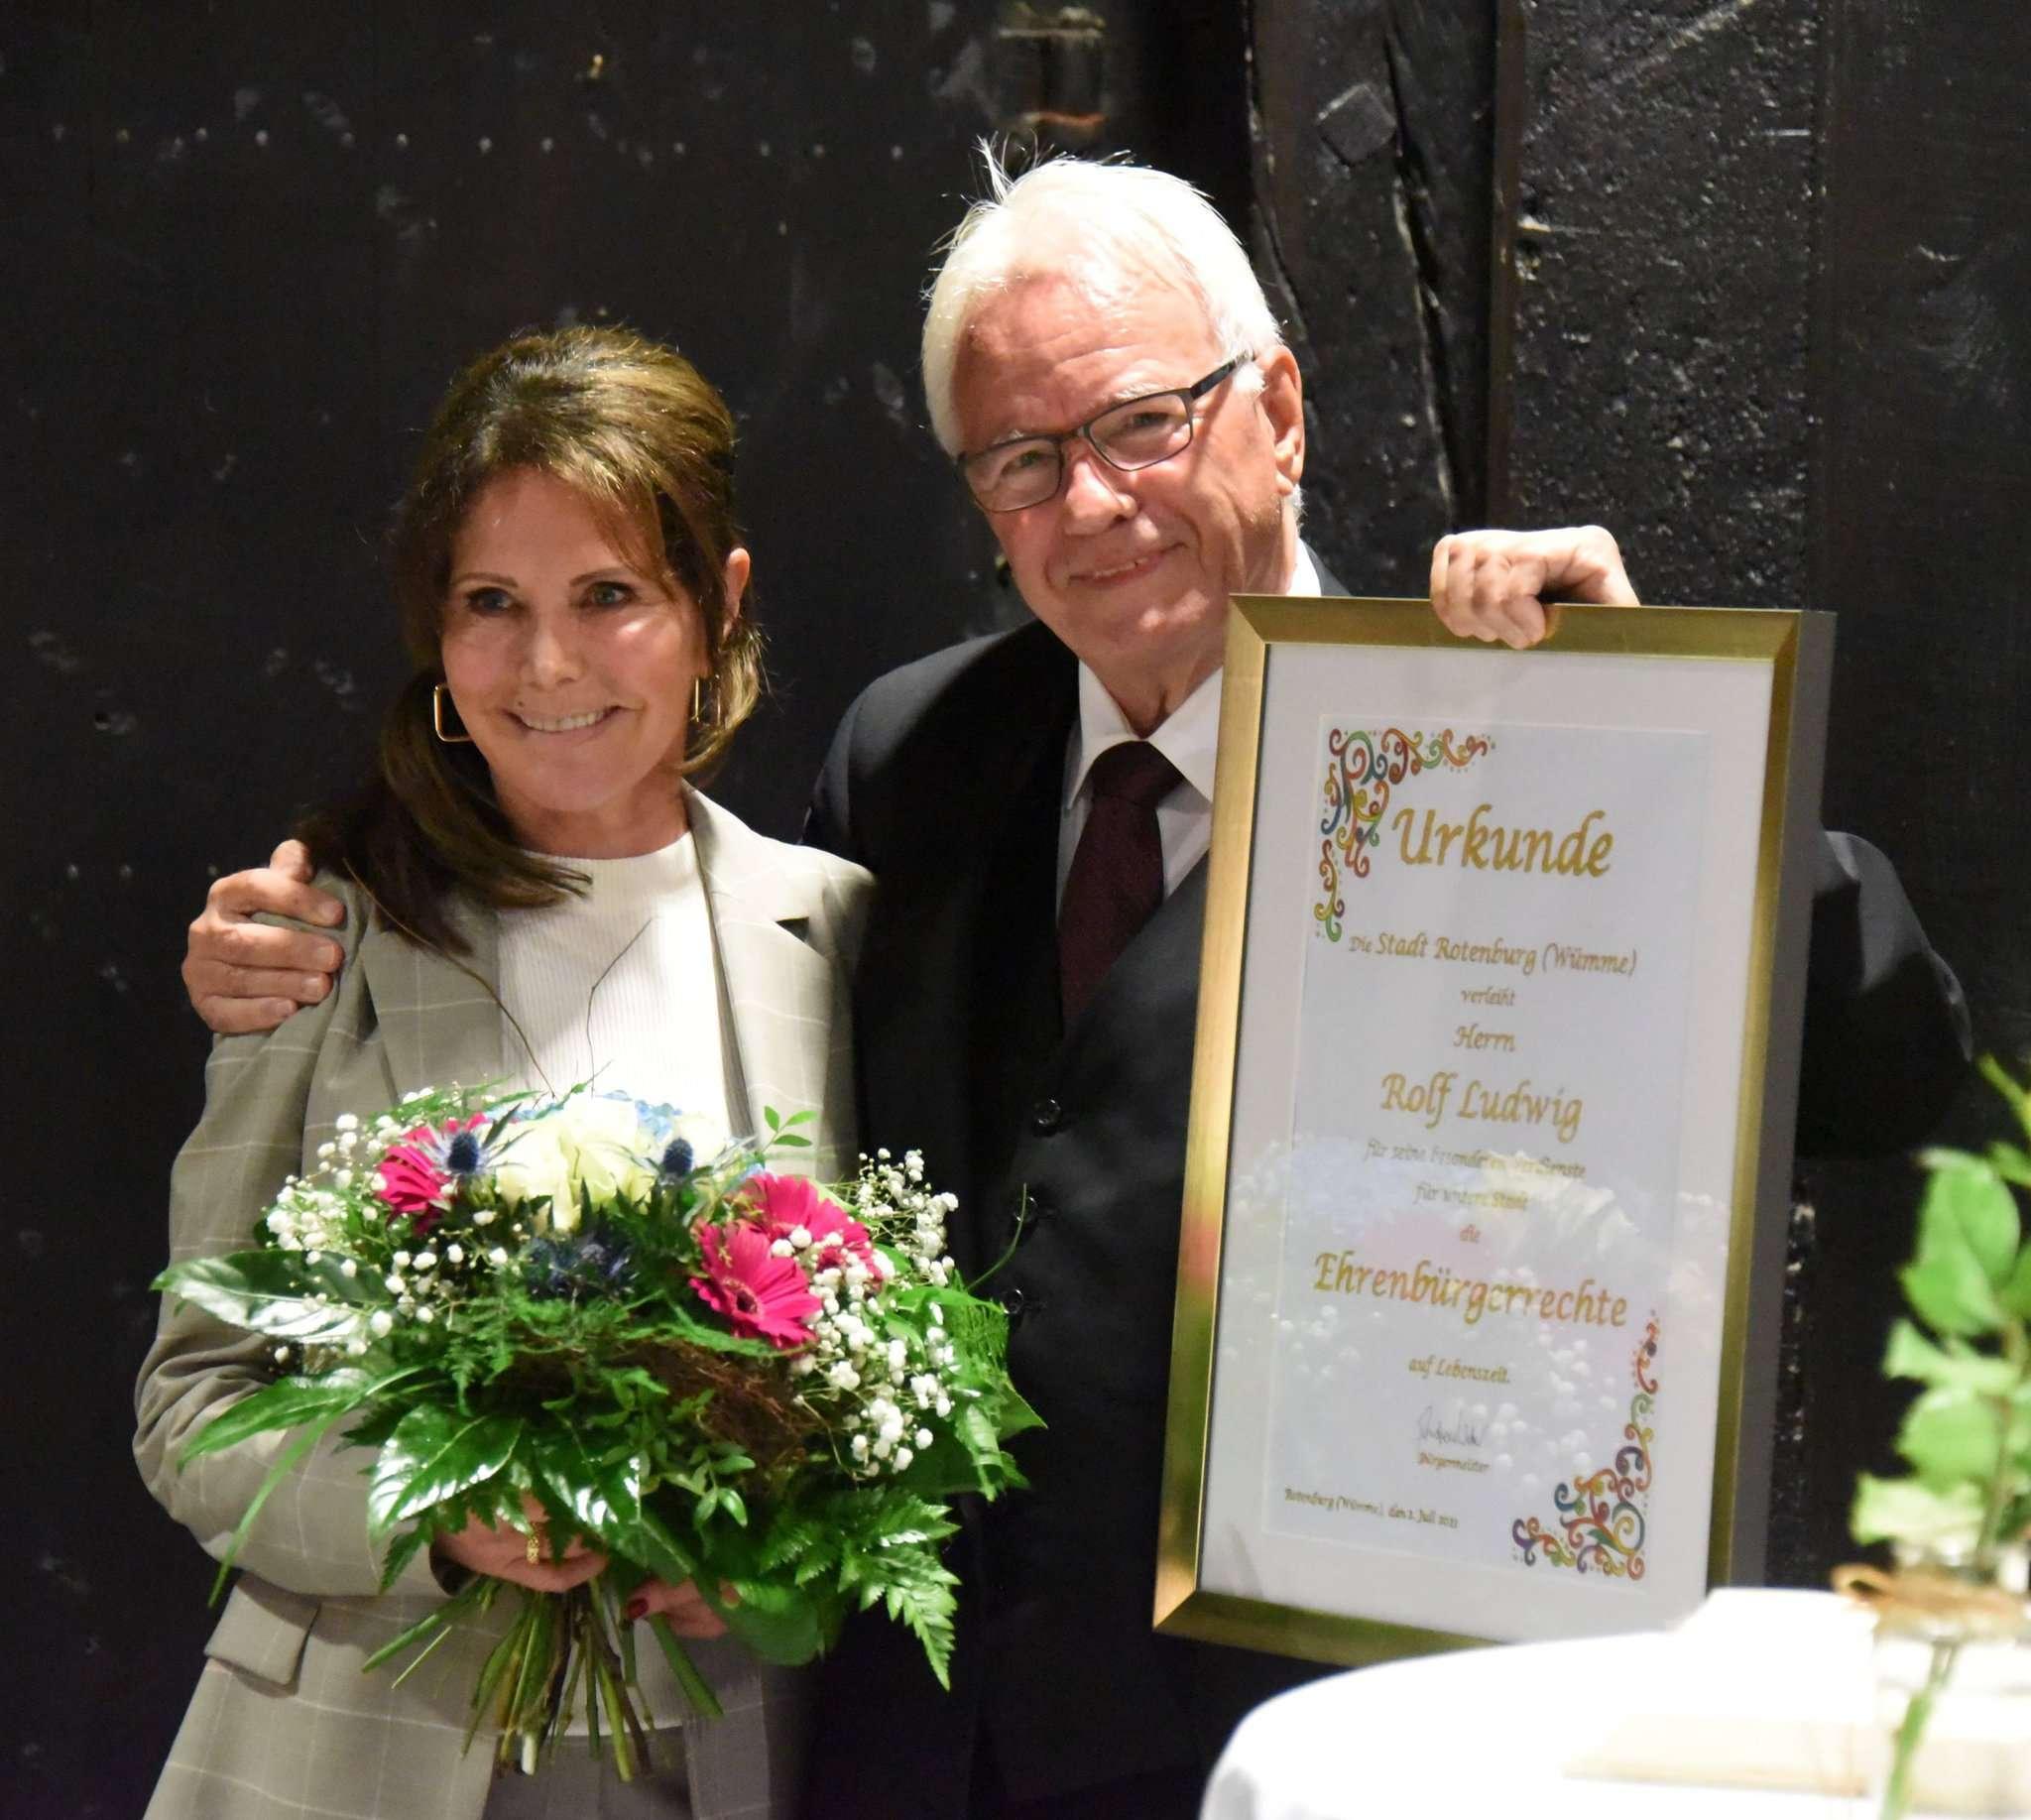 Nach der Urkundenübergabe: Rolf Ludwig legt großen Wert darauf, auch Frau Gabi und seinen Kindern für ihre Geduld und Unterstützung zu danken.